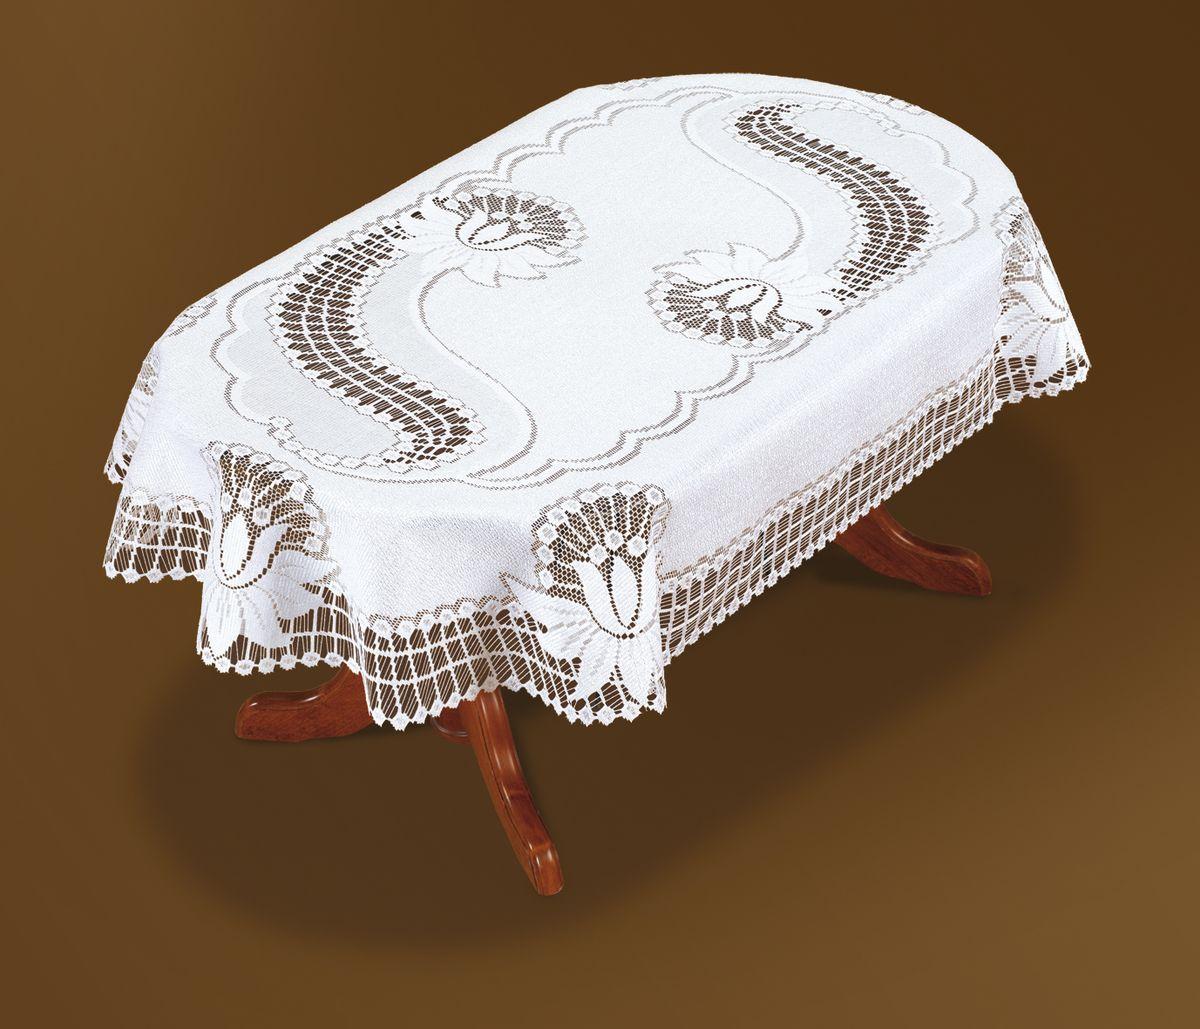 Скатерть Haft, овальная, цвет: белый, 180 x 130 см. 46081-13046081-130Великолепная овальная скатерть Haft, выполненная из полиэстера, органично впишется в интерьер любого помещения, а оригинальный дизайн удовлетворит даже самый изысканный вкус. Скатерть изготовлена из сетчатого материала с ажурным рисунком. Края скатерти закруглены. Скатерть Haft создаст праздничное настроение и станет прекрасным дополнением интерьера гостиной, кухни или столовой.